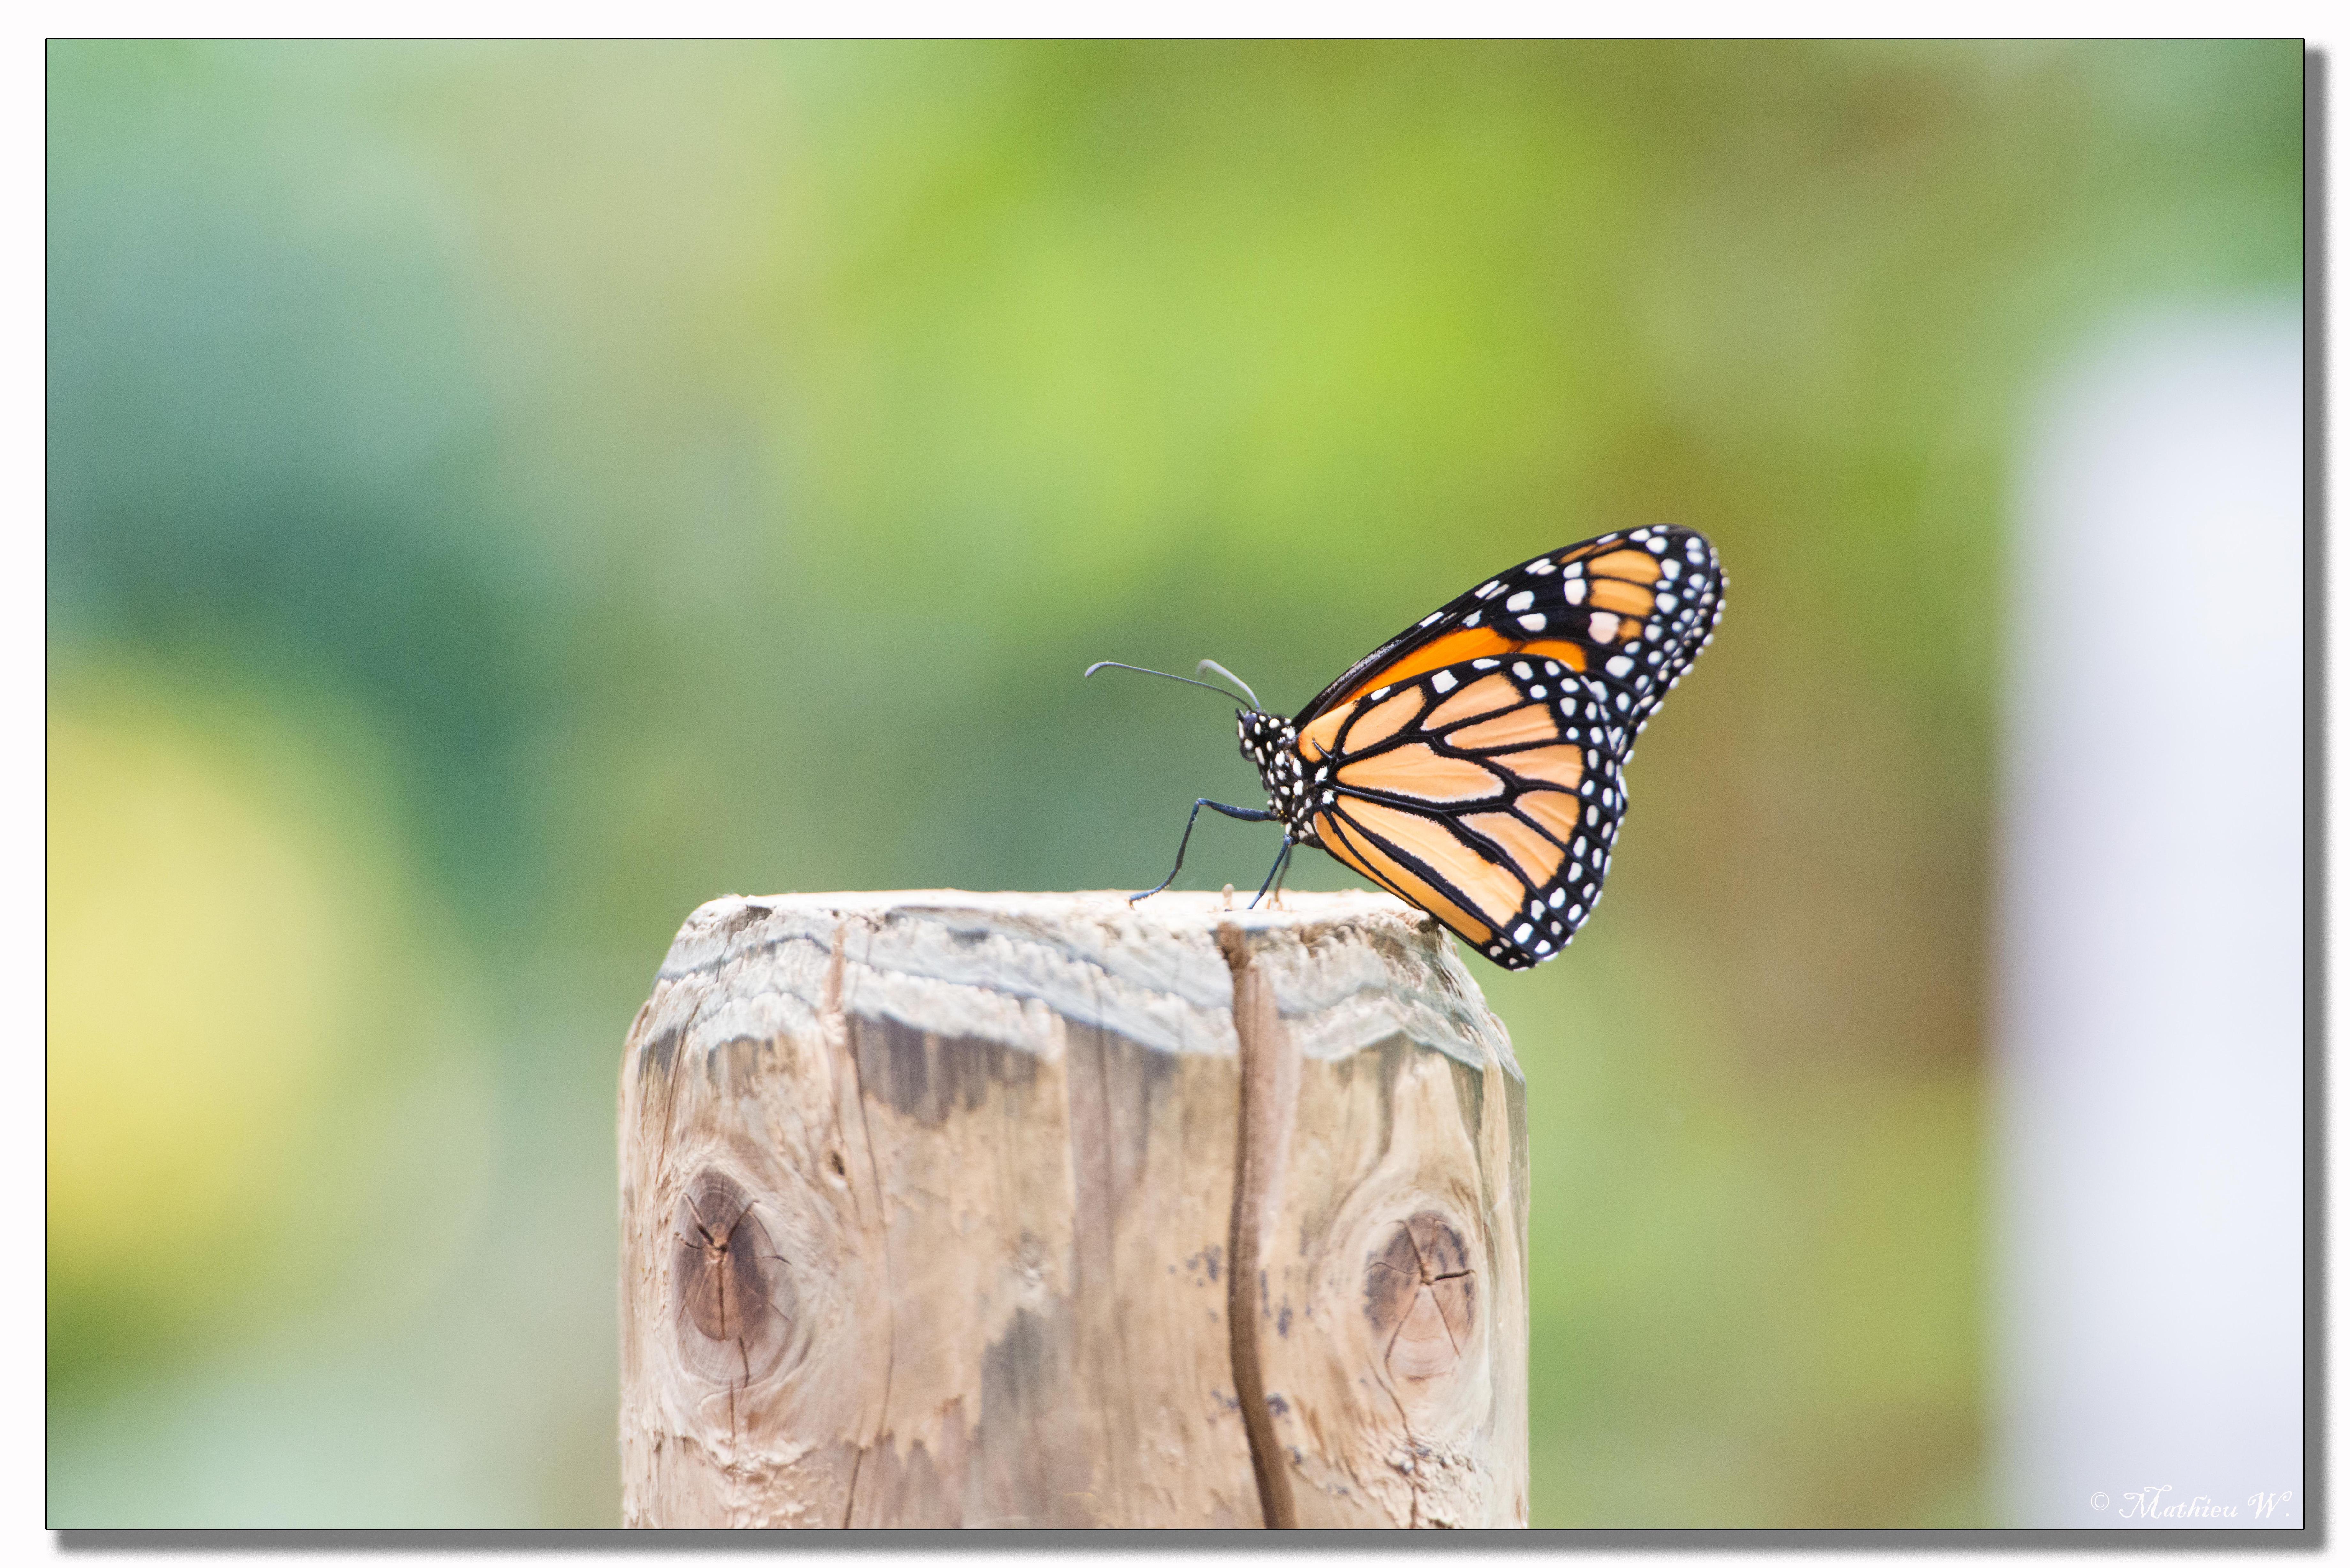 2014-05-24 Hunawihr - jardin des papillons (32)